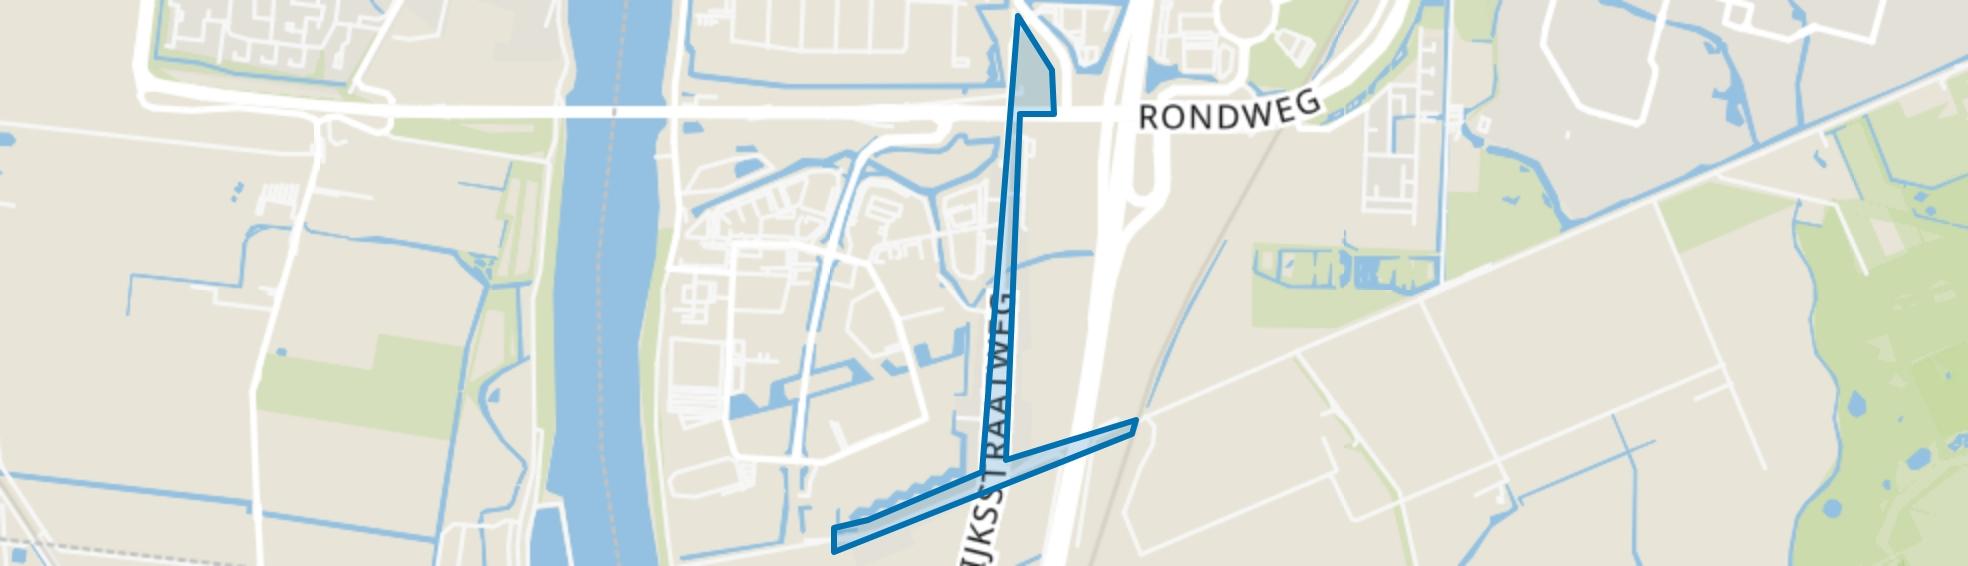 Tweede Tol, Dordrecht map